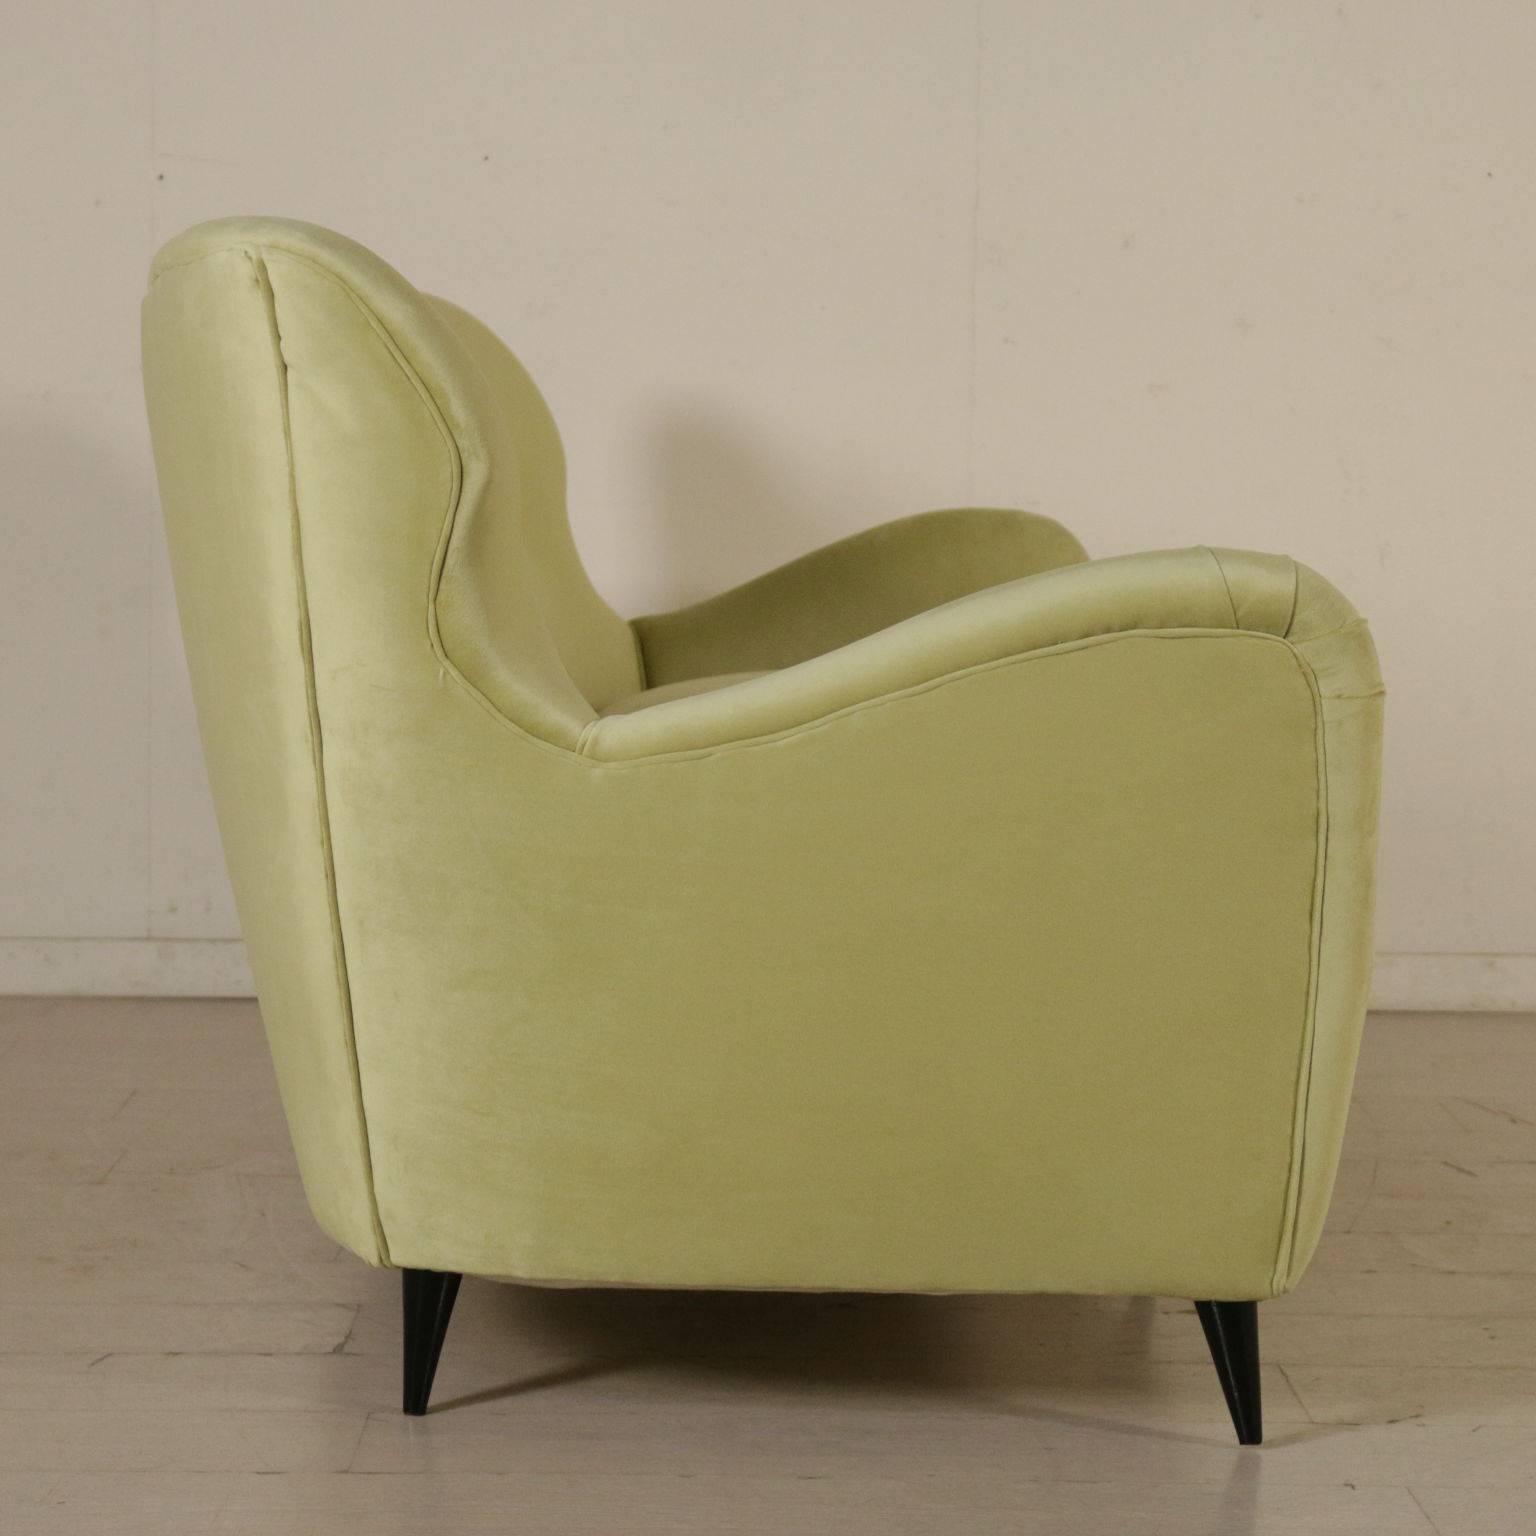 Charmant Mid Century Modern Sofa Springs Foam Padding Velvet Upholstery Vintage,  Italy, 1950s For